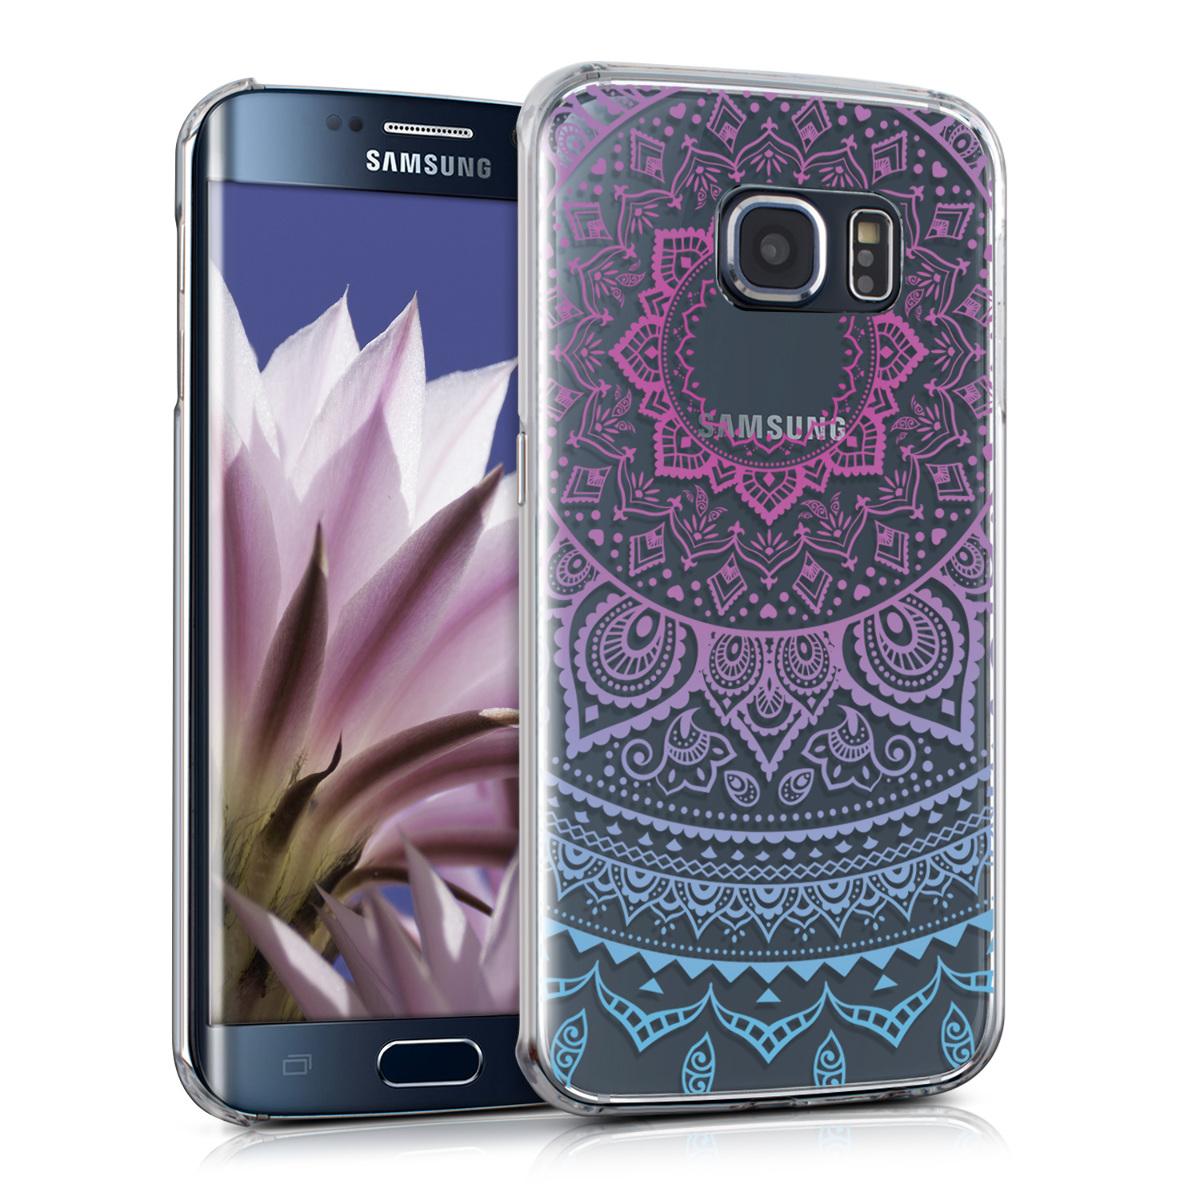 Kvalitní plastové pouzdro pro Samsung S6 Edge - indické slunce modré / tmavě růžová / transparentní